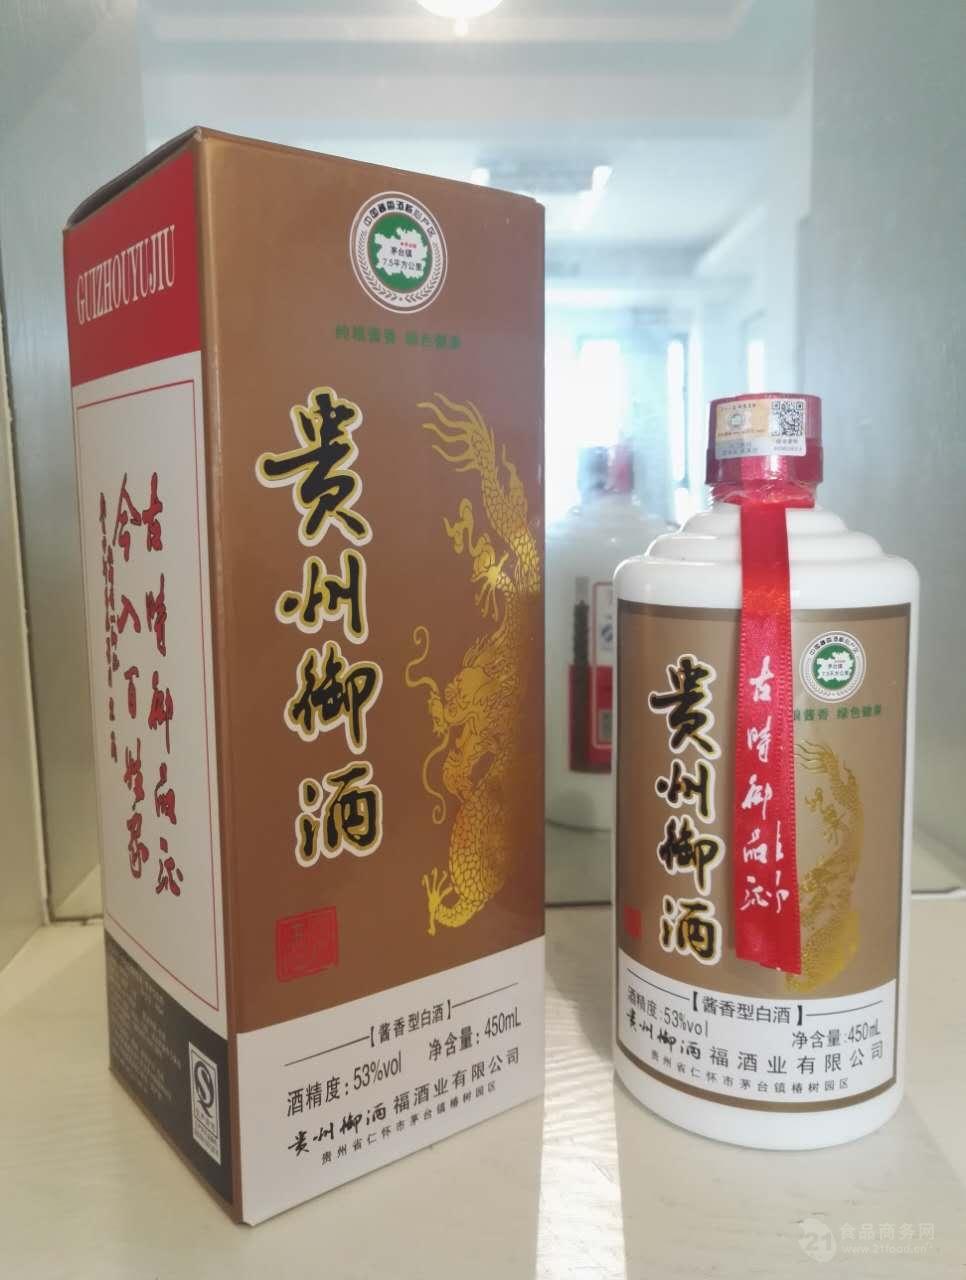 贵州御酒原浆酒 酱香53度